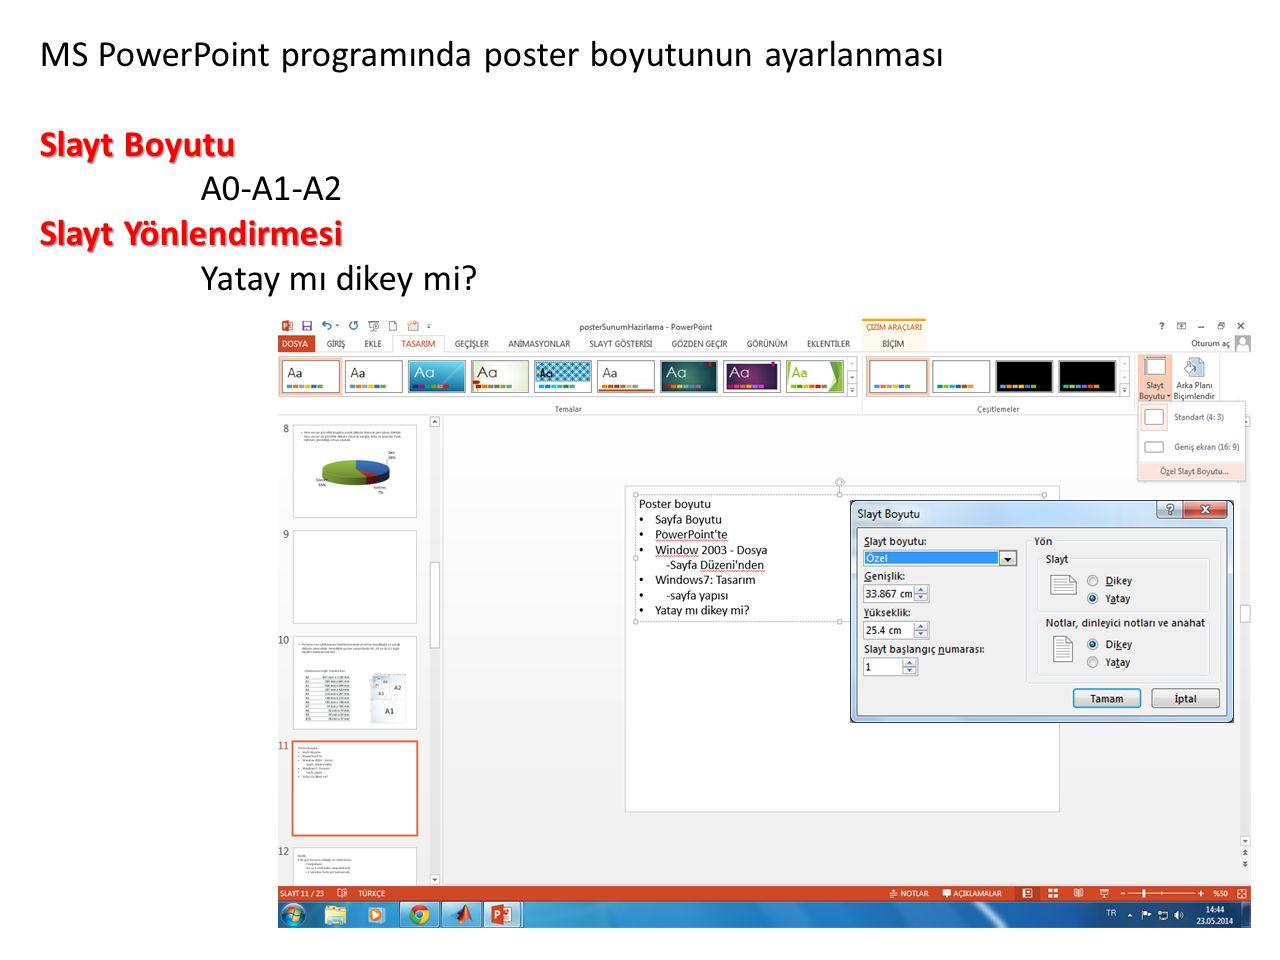 MS PowerPoint programında poster boyutunun ayarlanması